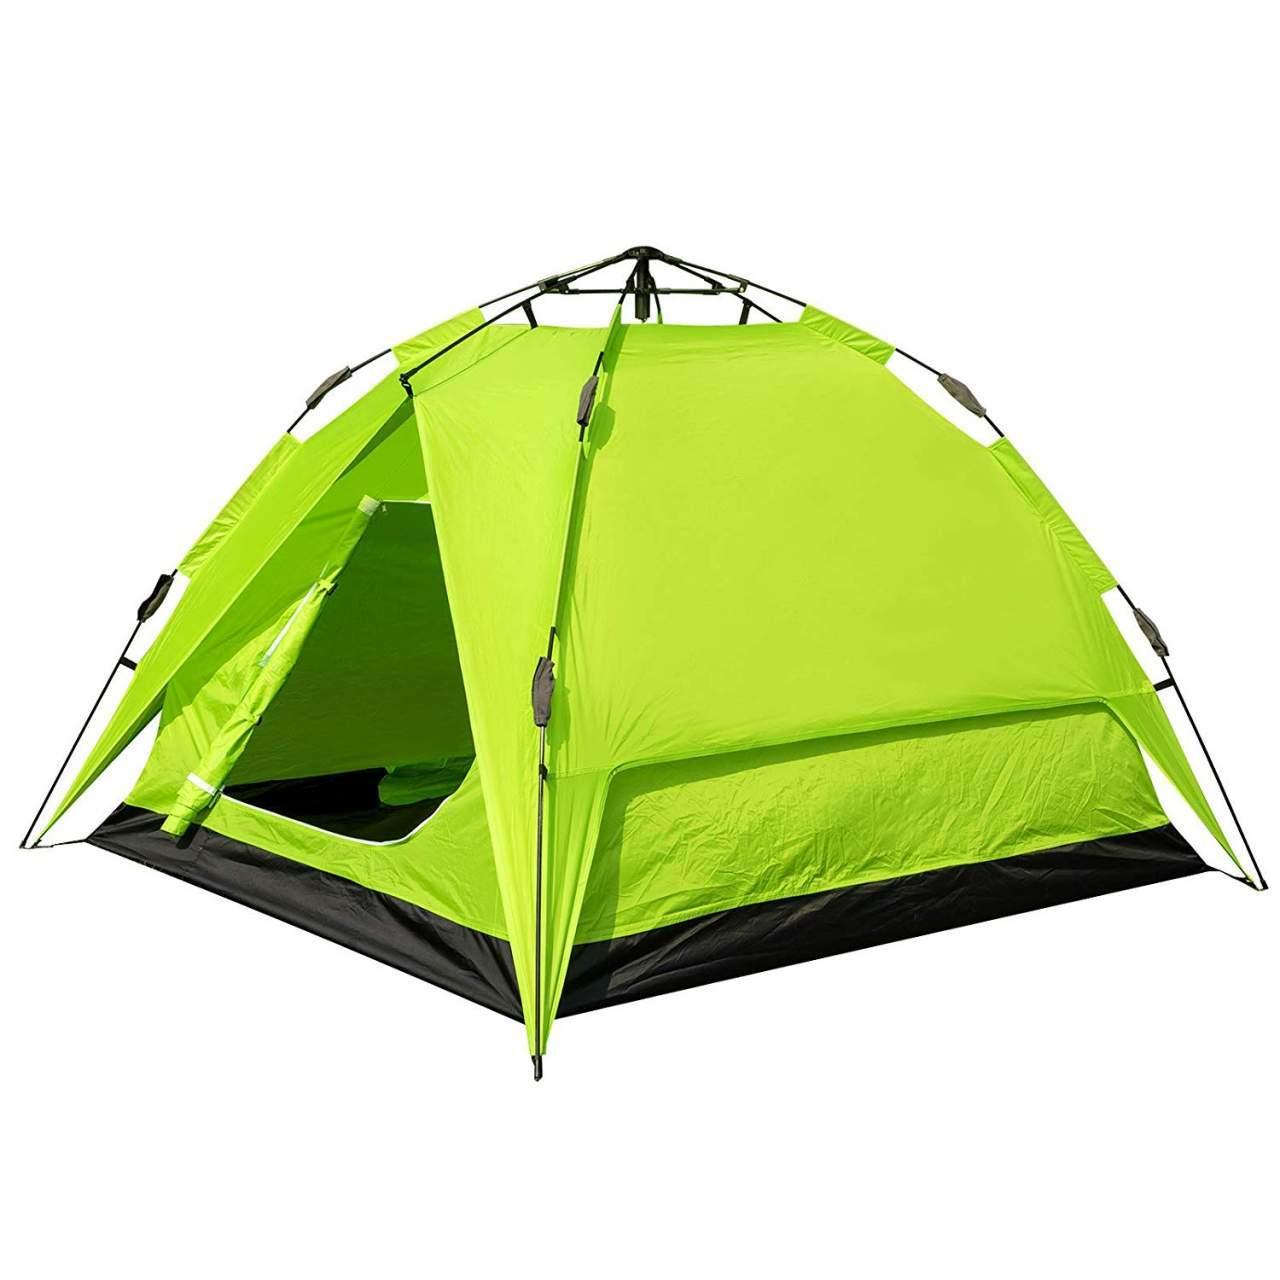 Camping Zelt 2 3 Personen Schnellaufbau mit Quick Up System CPZ8142gn